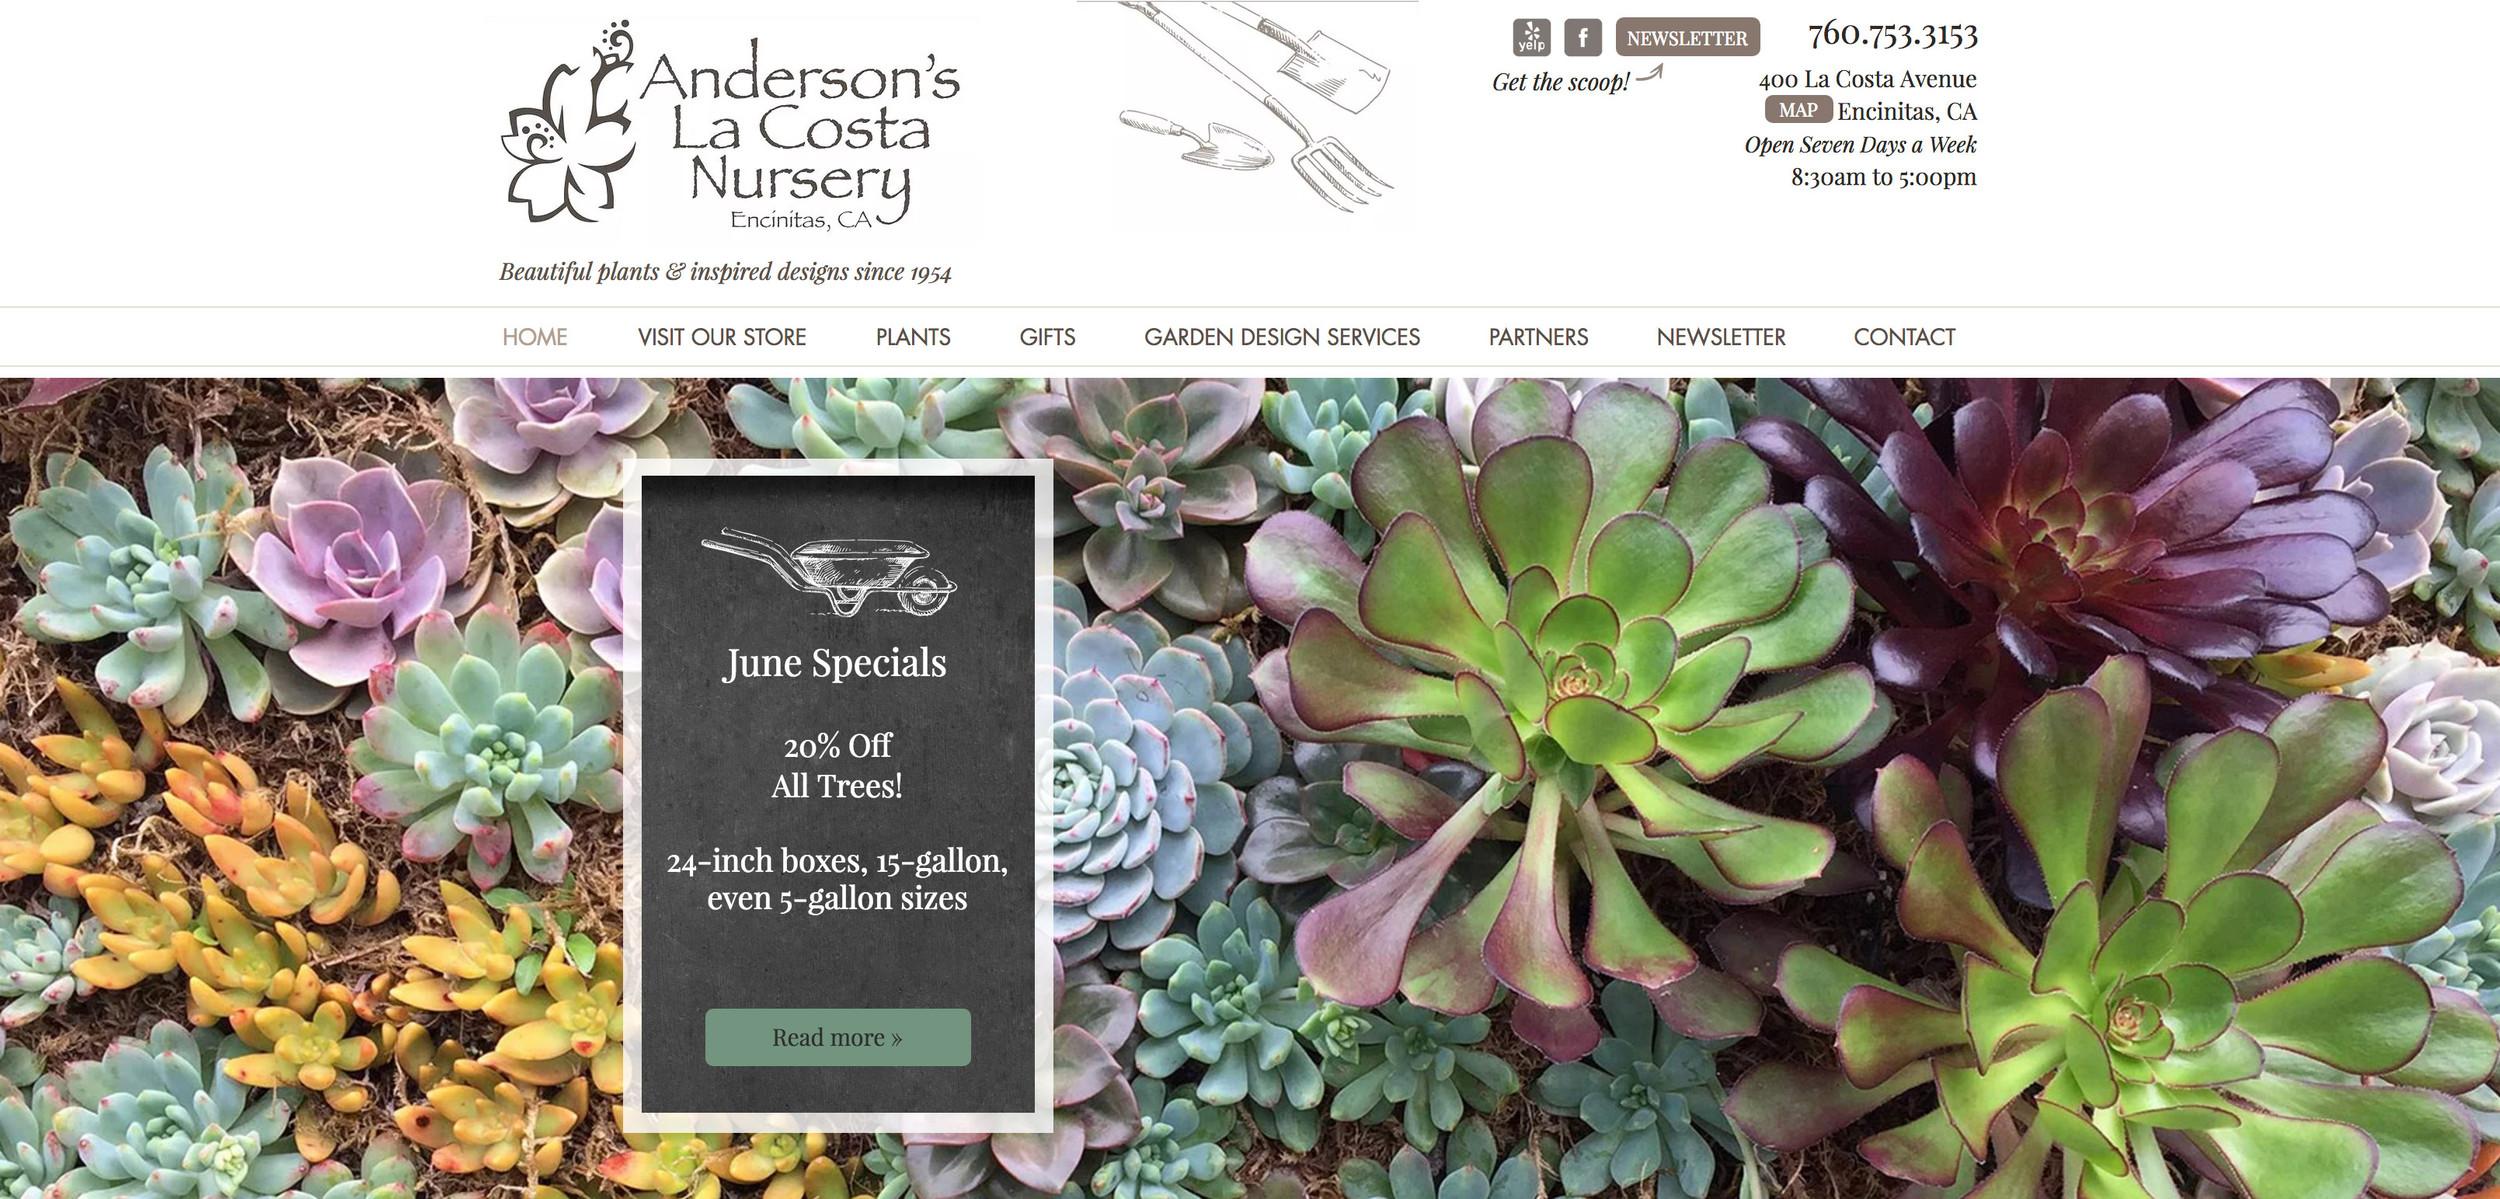 Anderson's La Costa Nursery | Encinitas, California